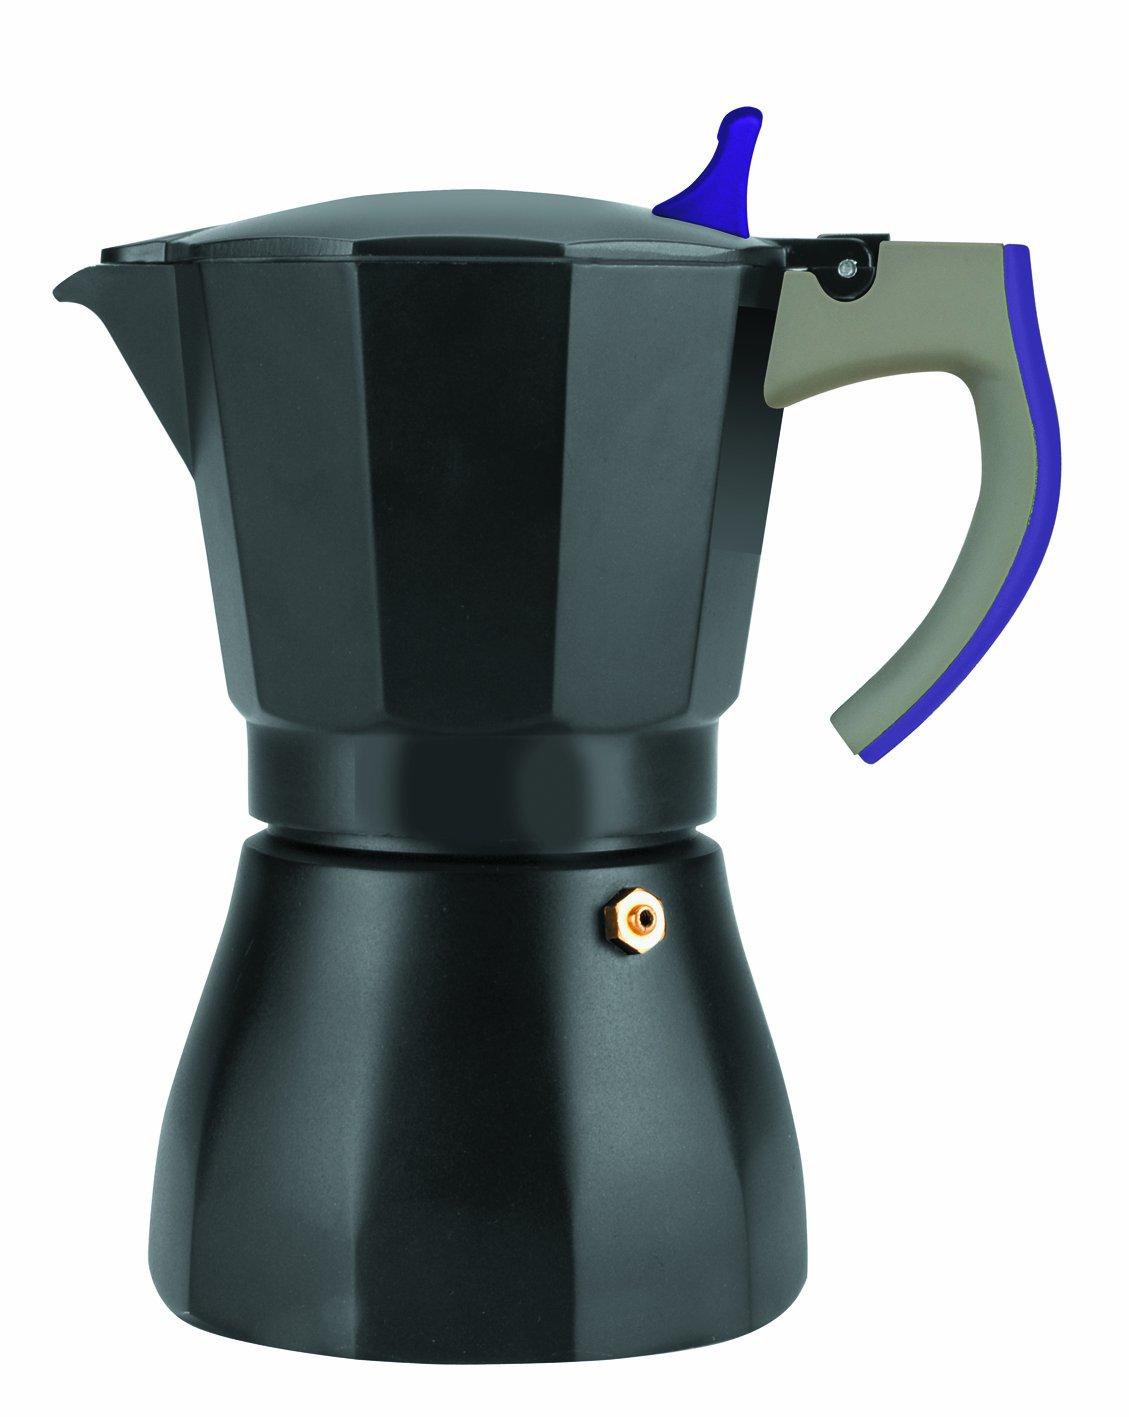 IBILI 621209 ESPRESSO COFFE MAKER PORPORA 9 CUPS